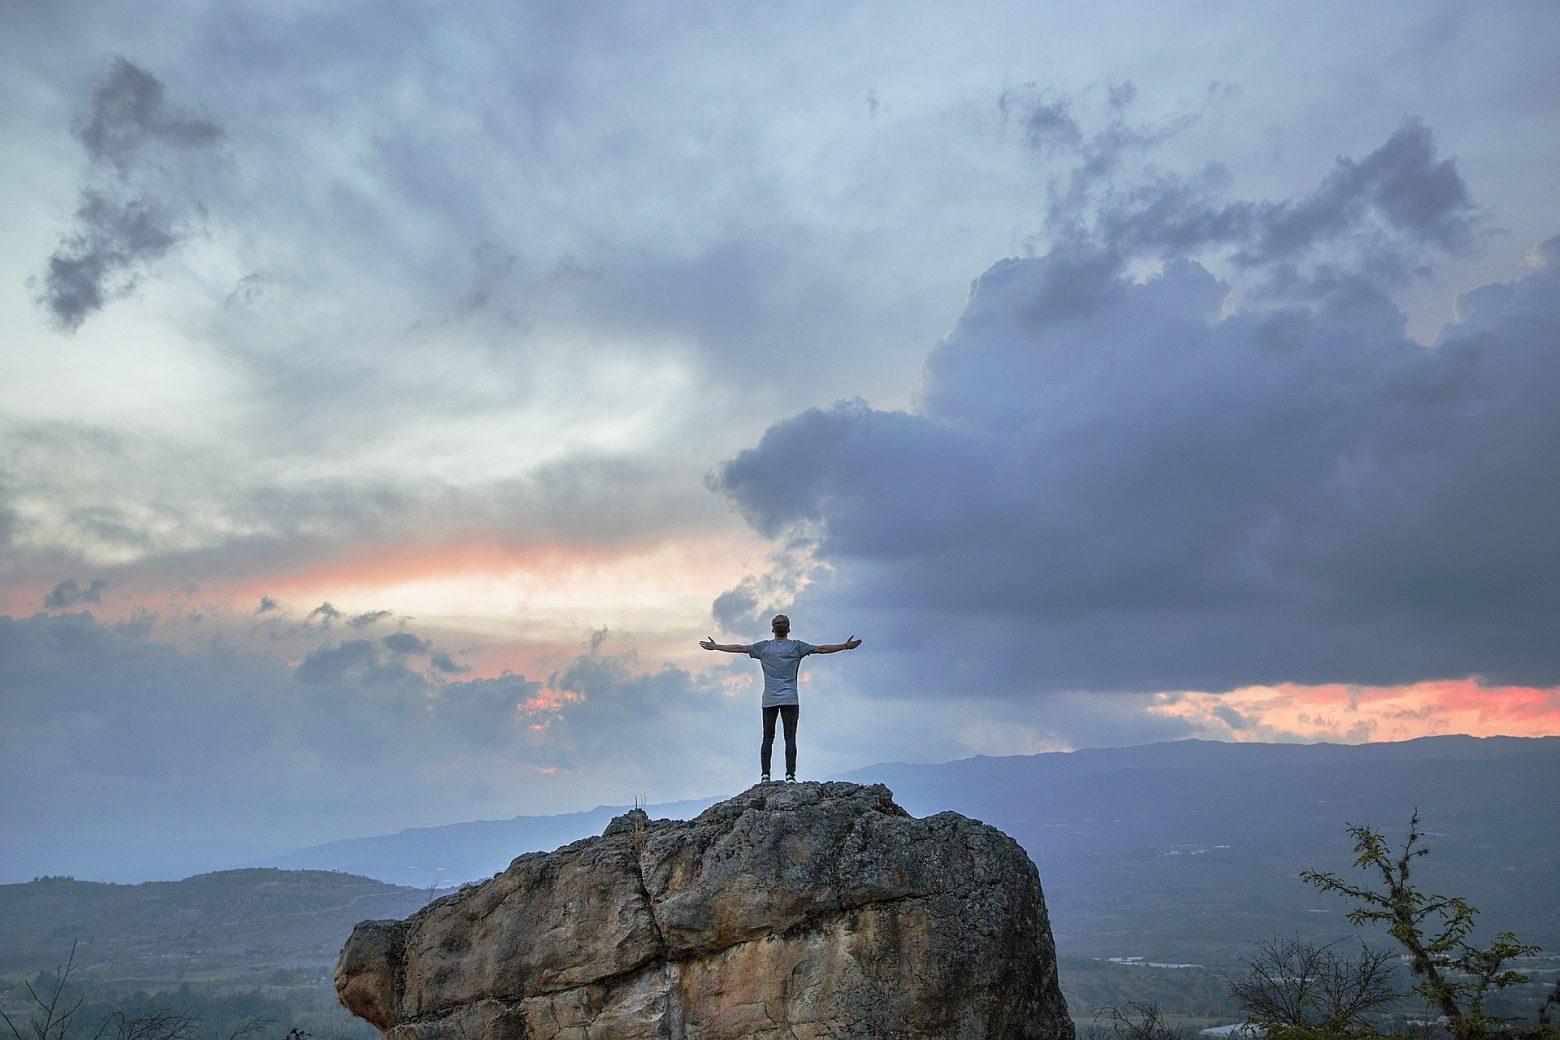 Comment vaincre la peur : 6 stratégies que vous pouvez utiliser